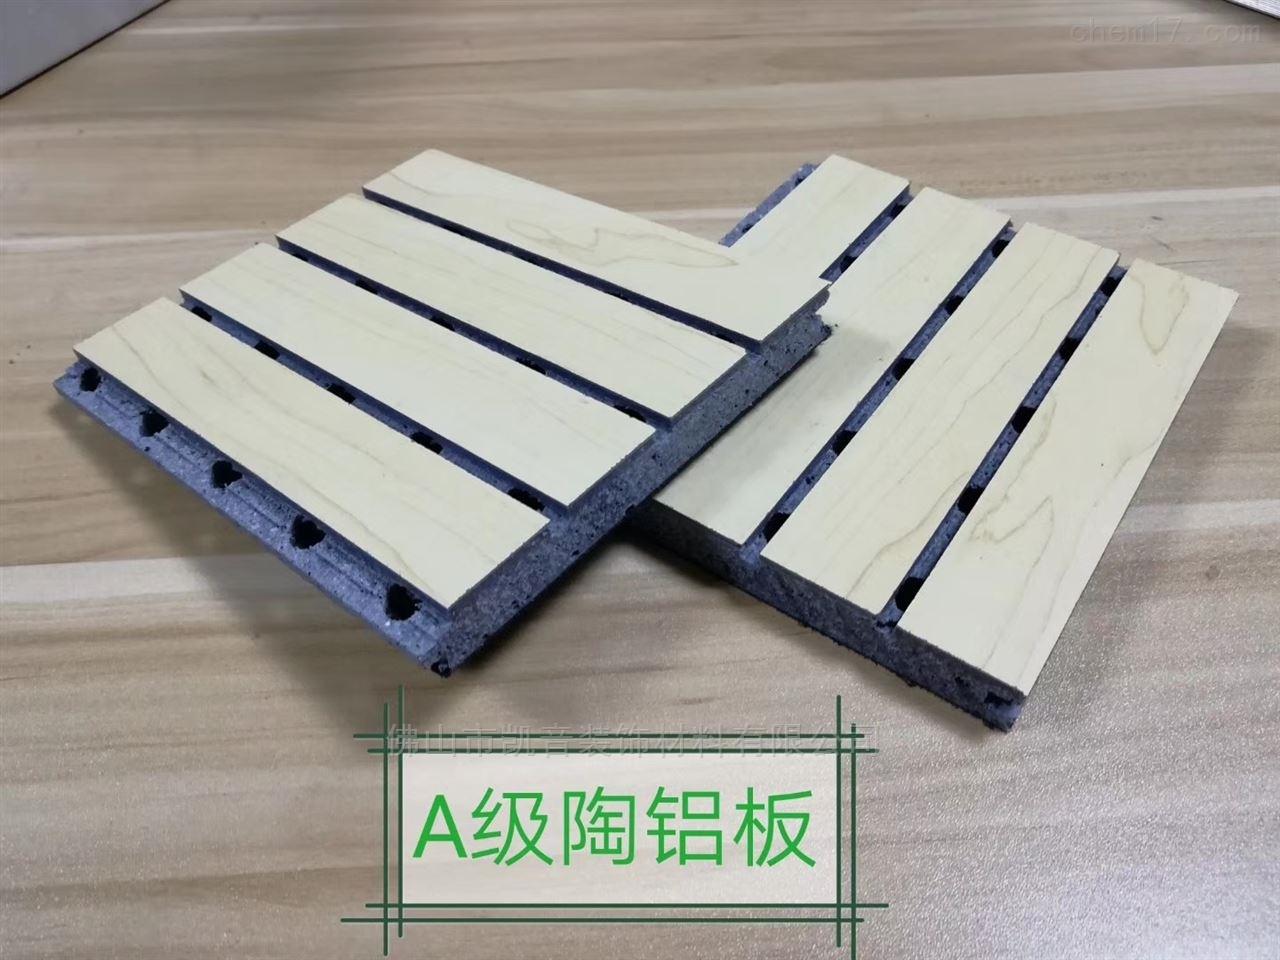 吸音板生产厂家广东直销